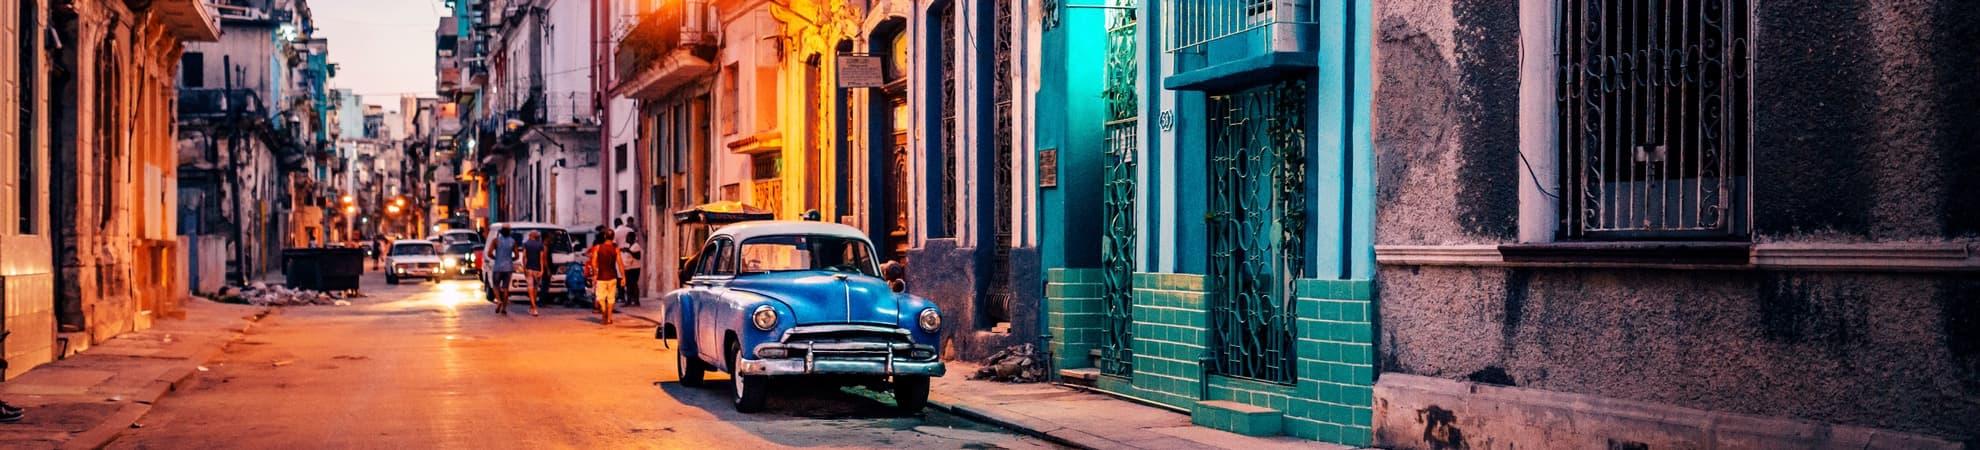 Voyage Cuba